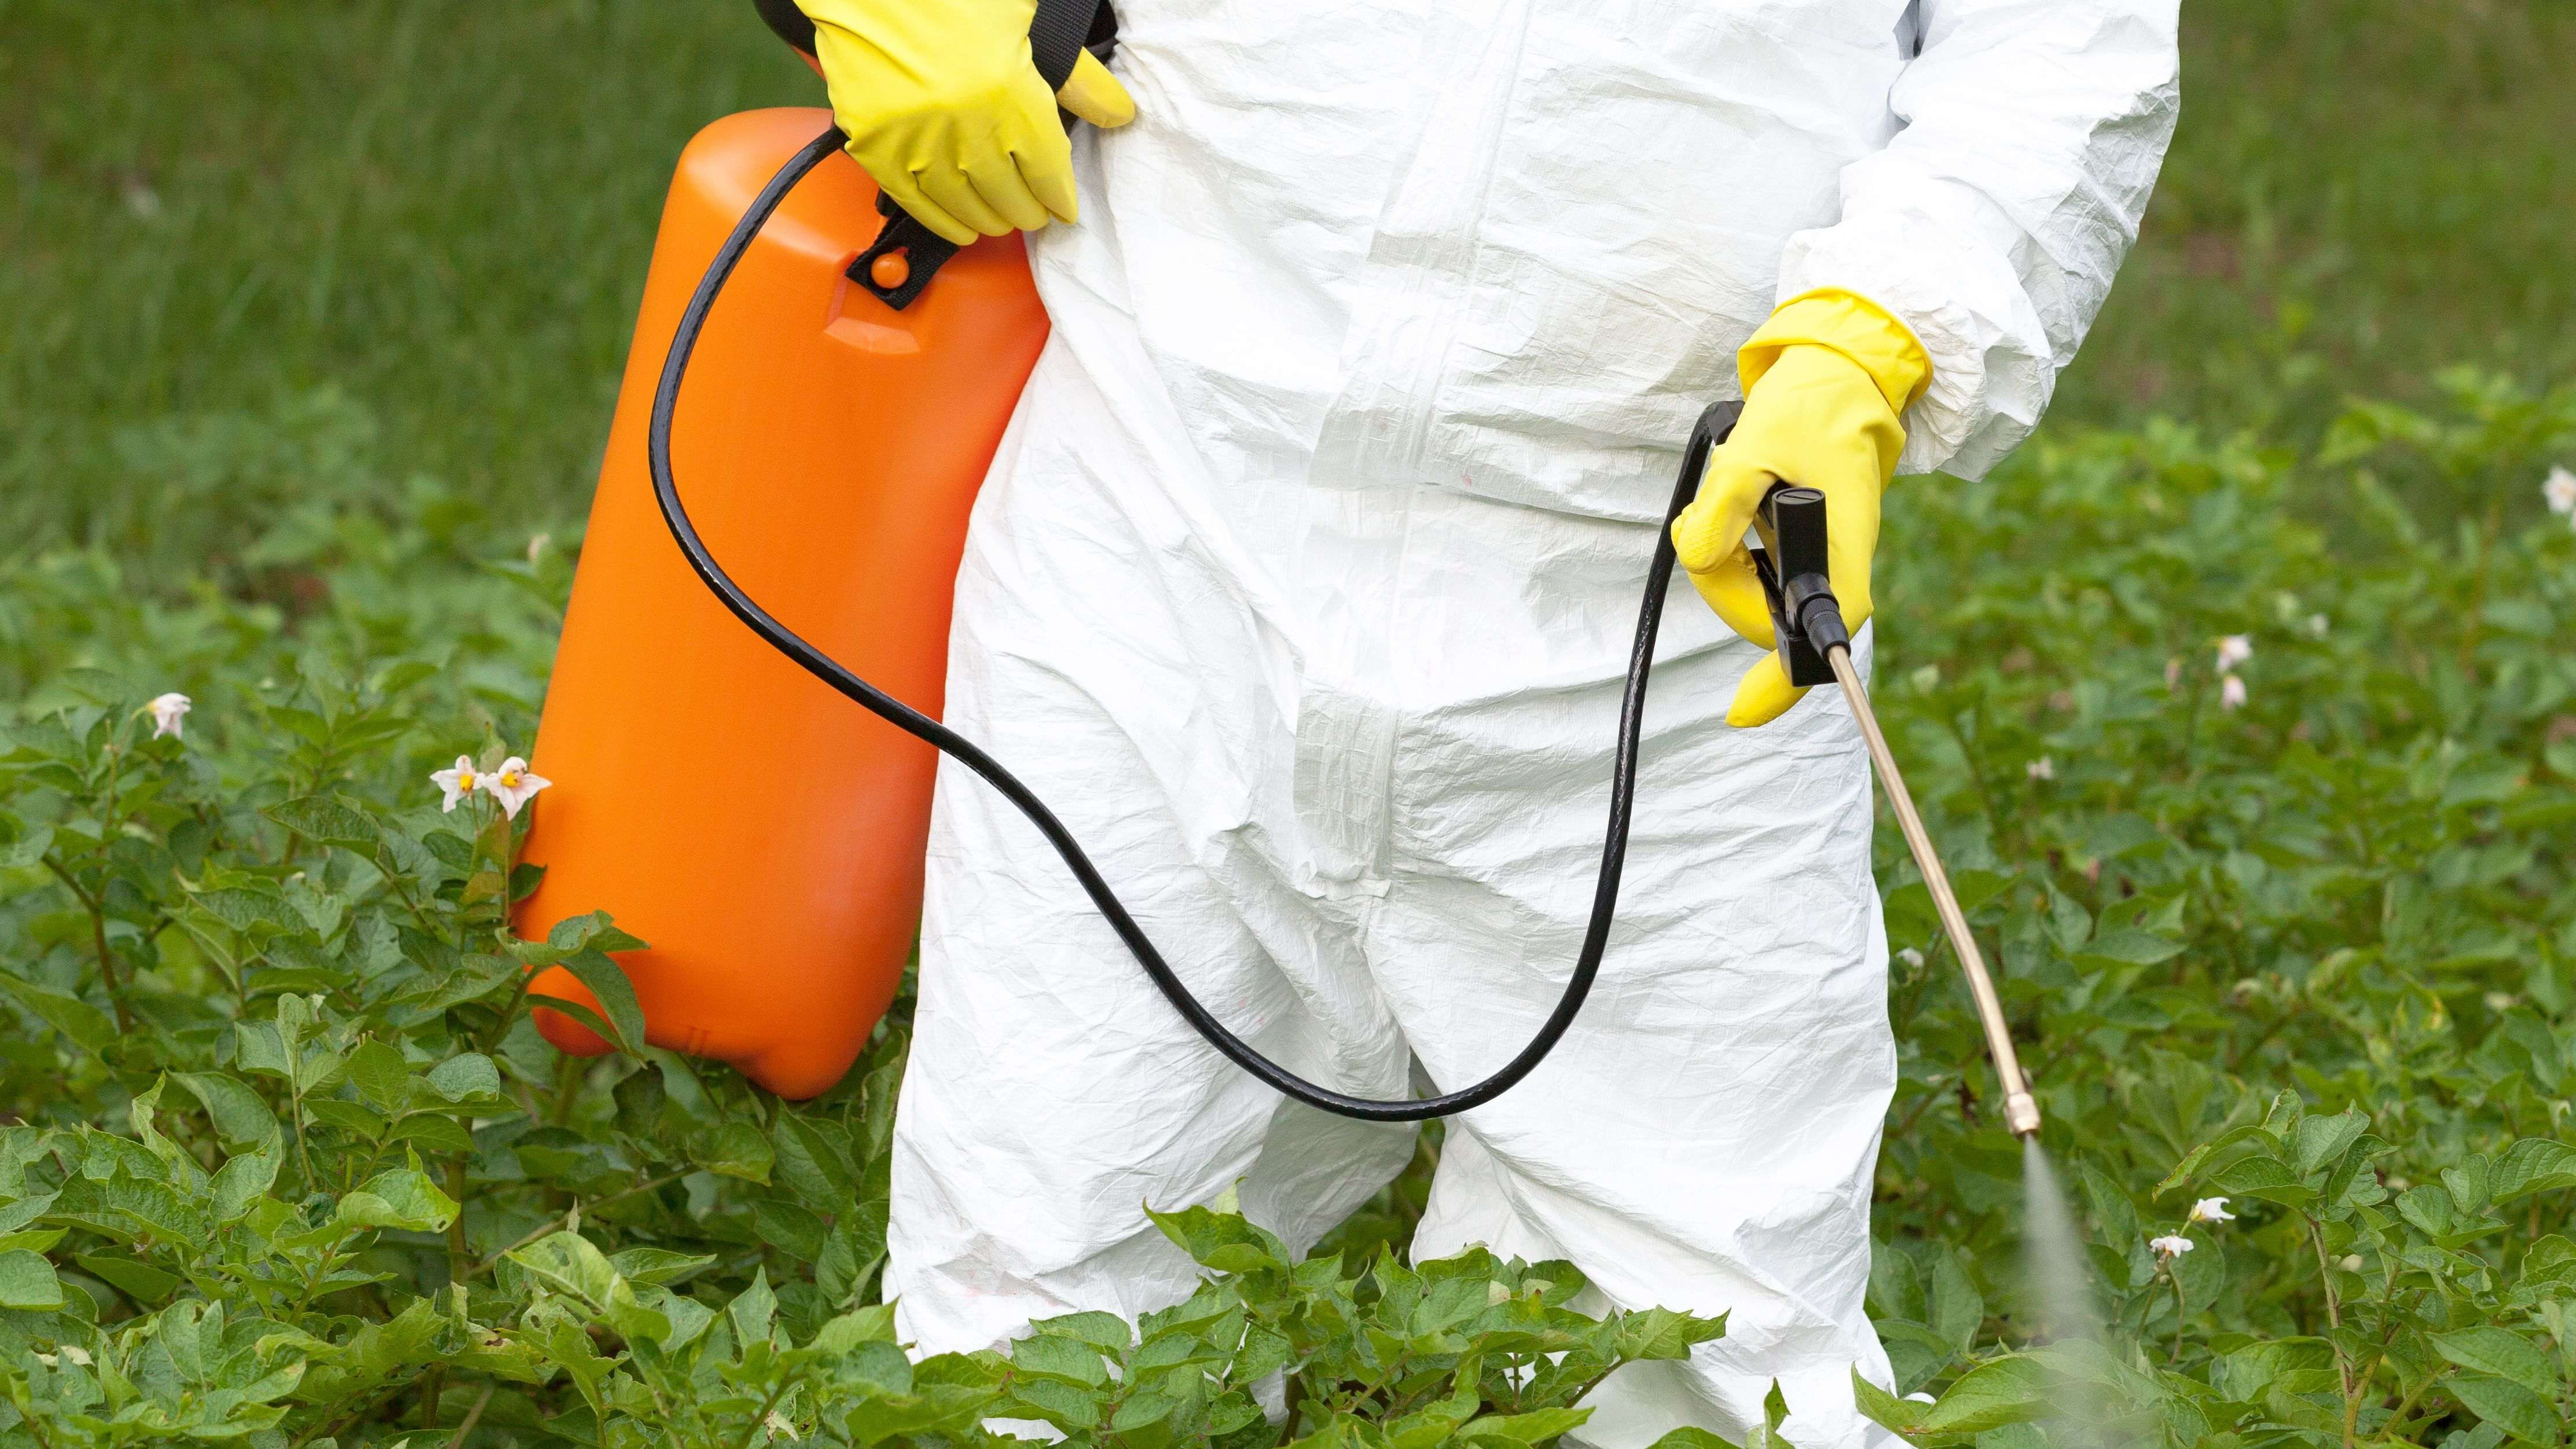 Comment nettoyer un pulvérisateur